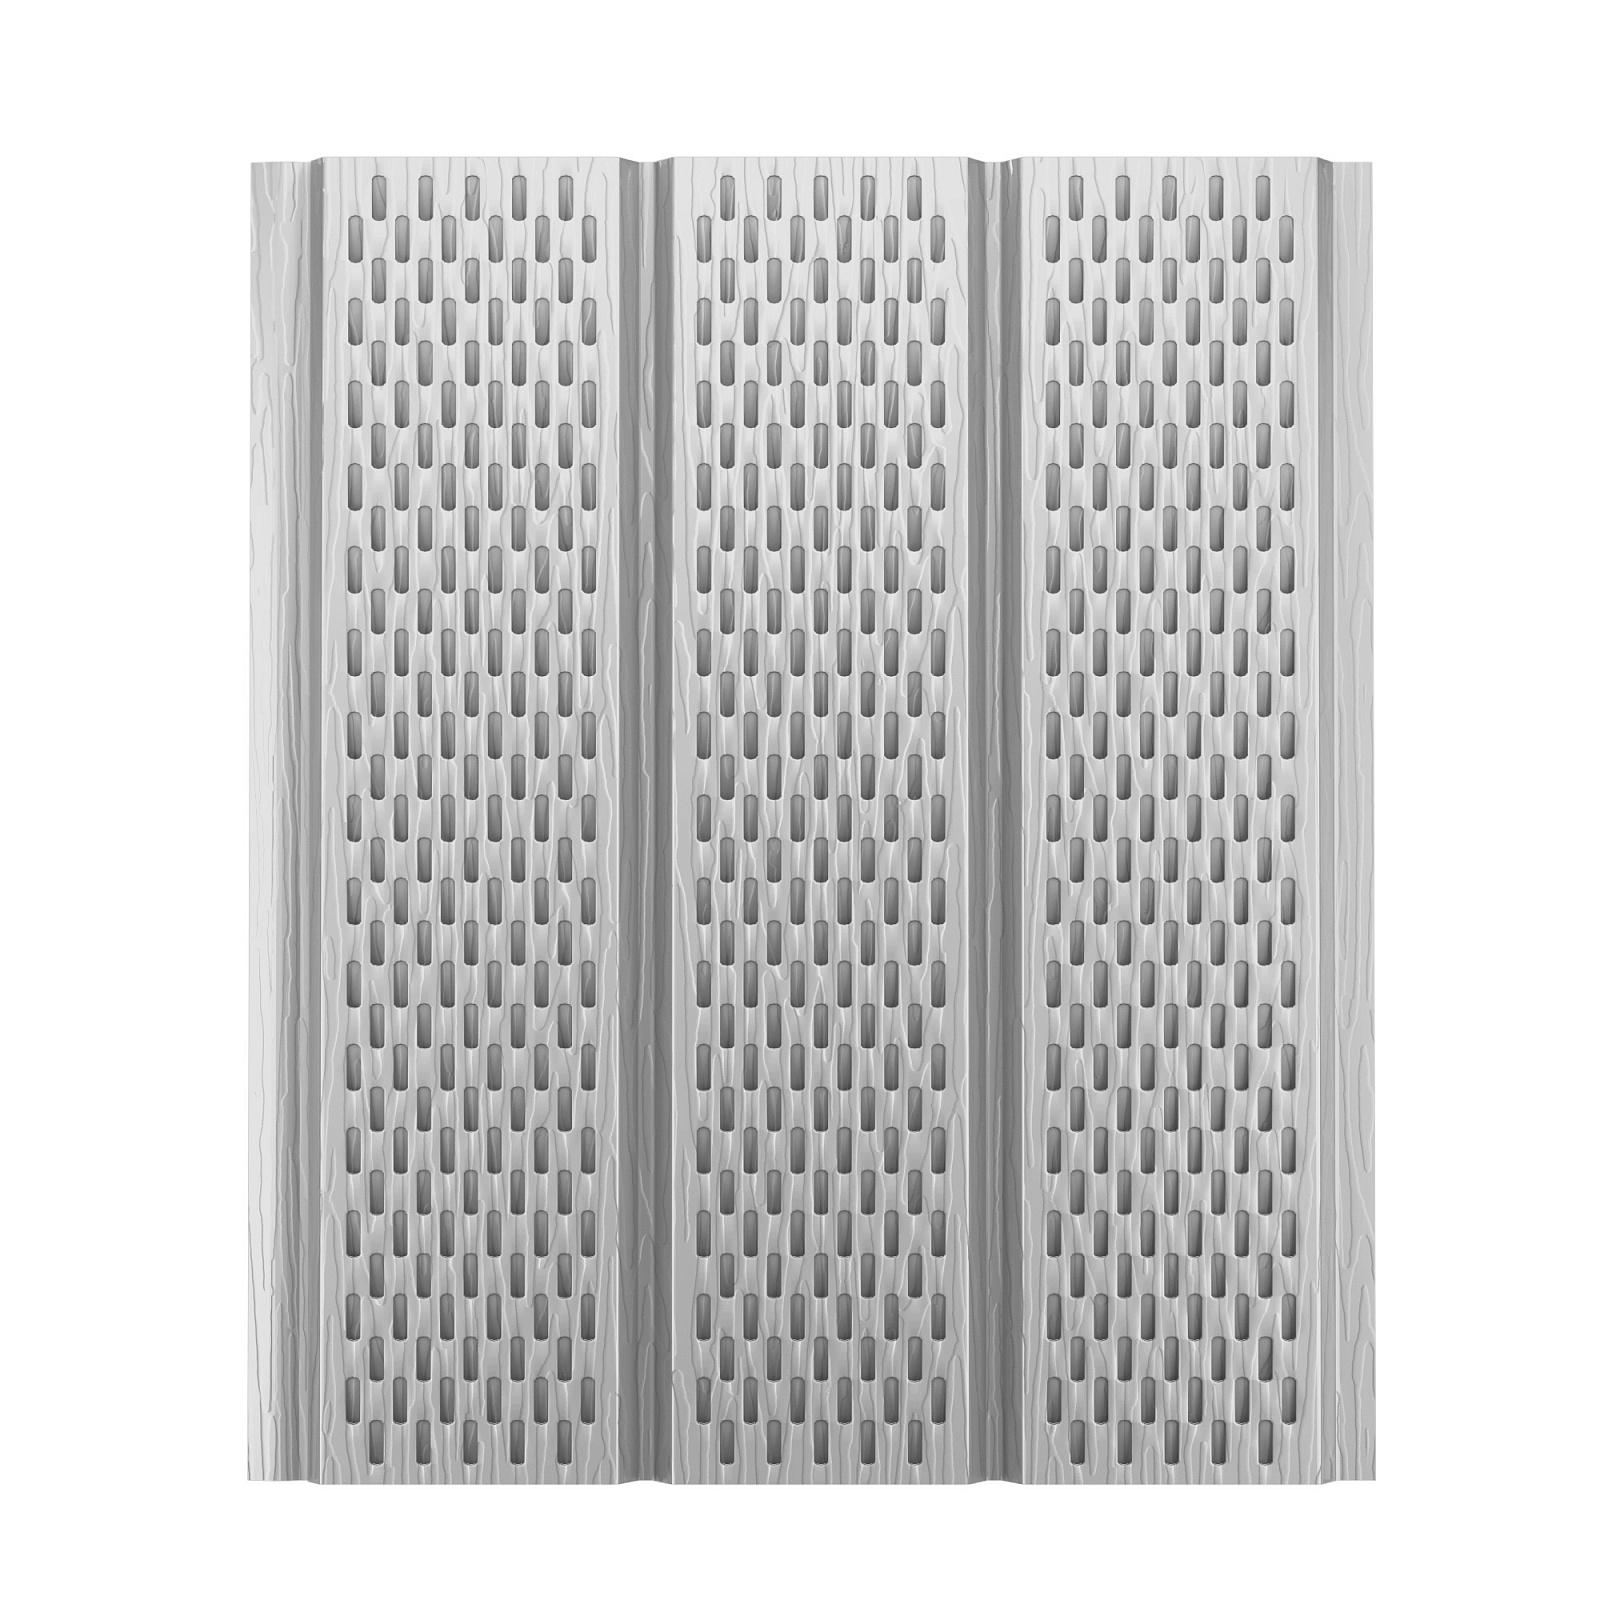 Софит алюминиевый с полной перфорацией Aquasystem Polyester, 2,4 м RR 20